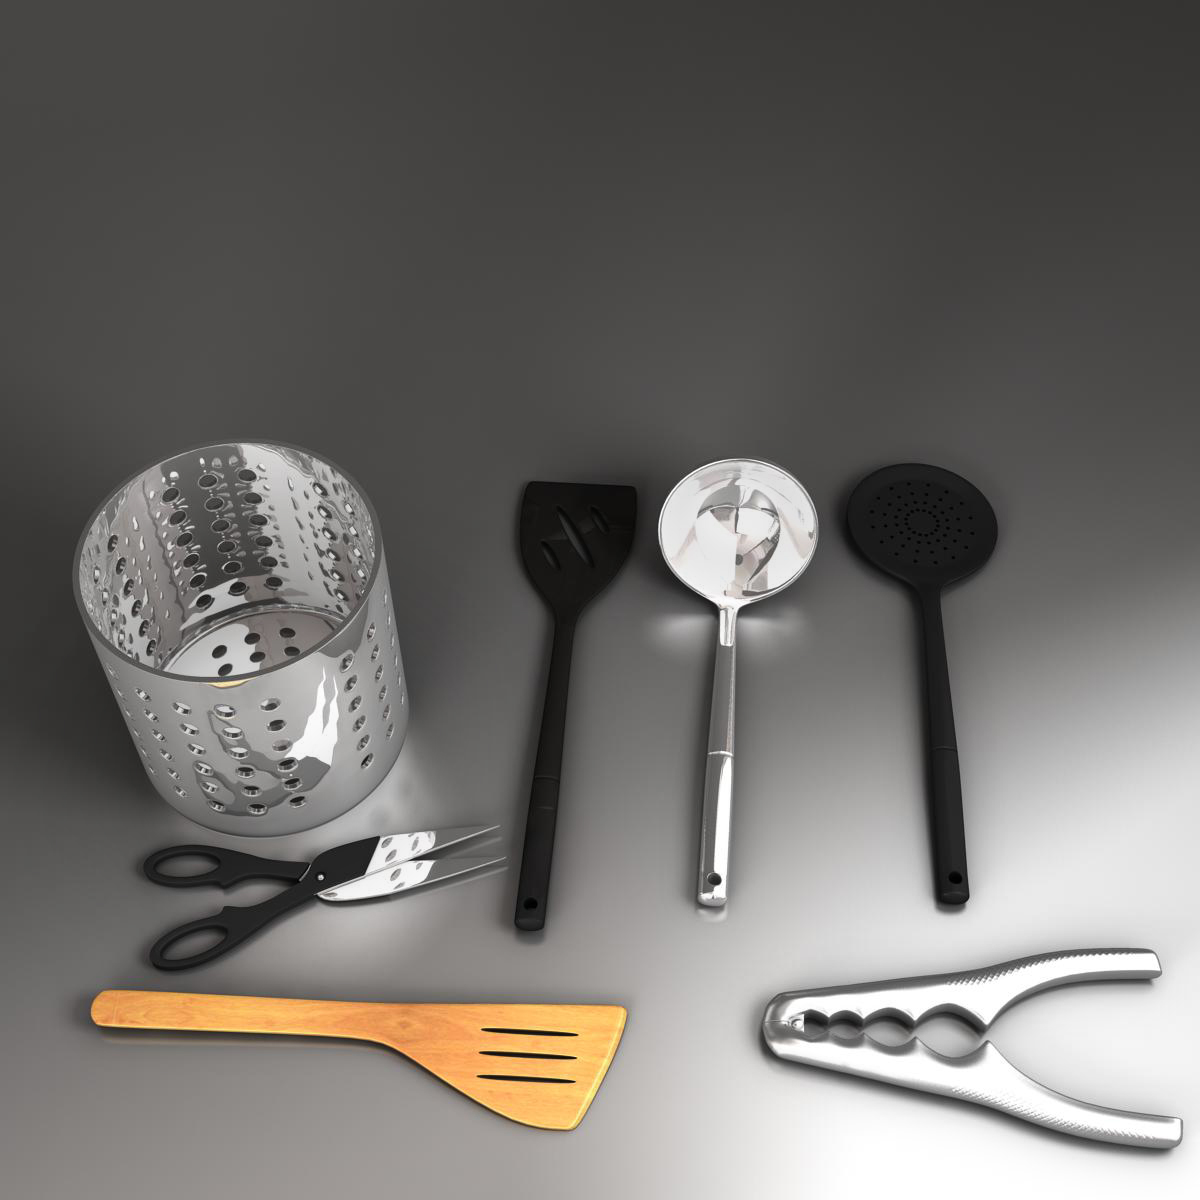 kitche utensils kit 3d model max fbx c4d ma mb obj 159292